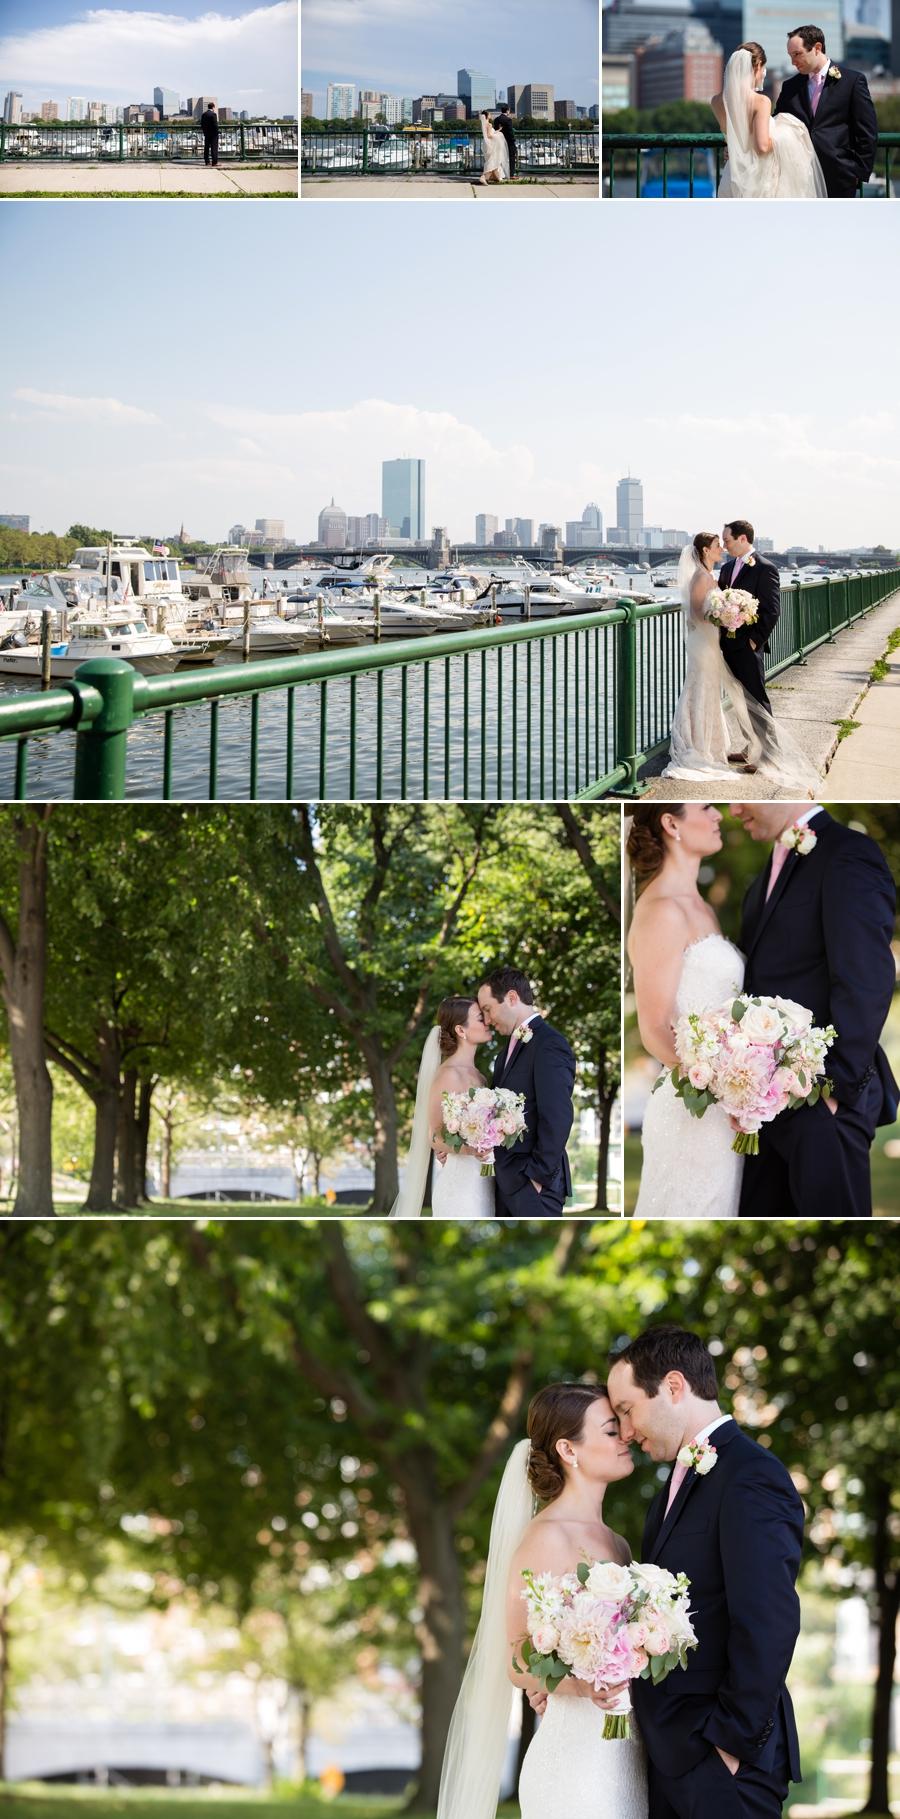 bride & groom wedding photos in Cambridge